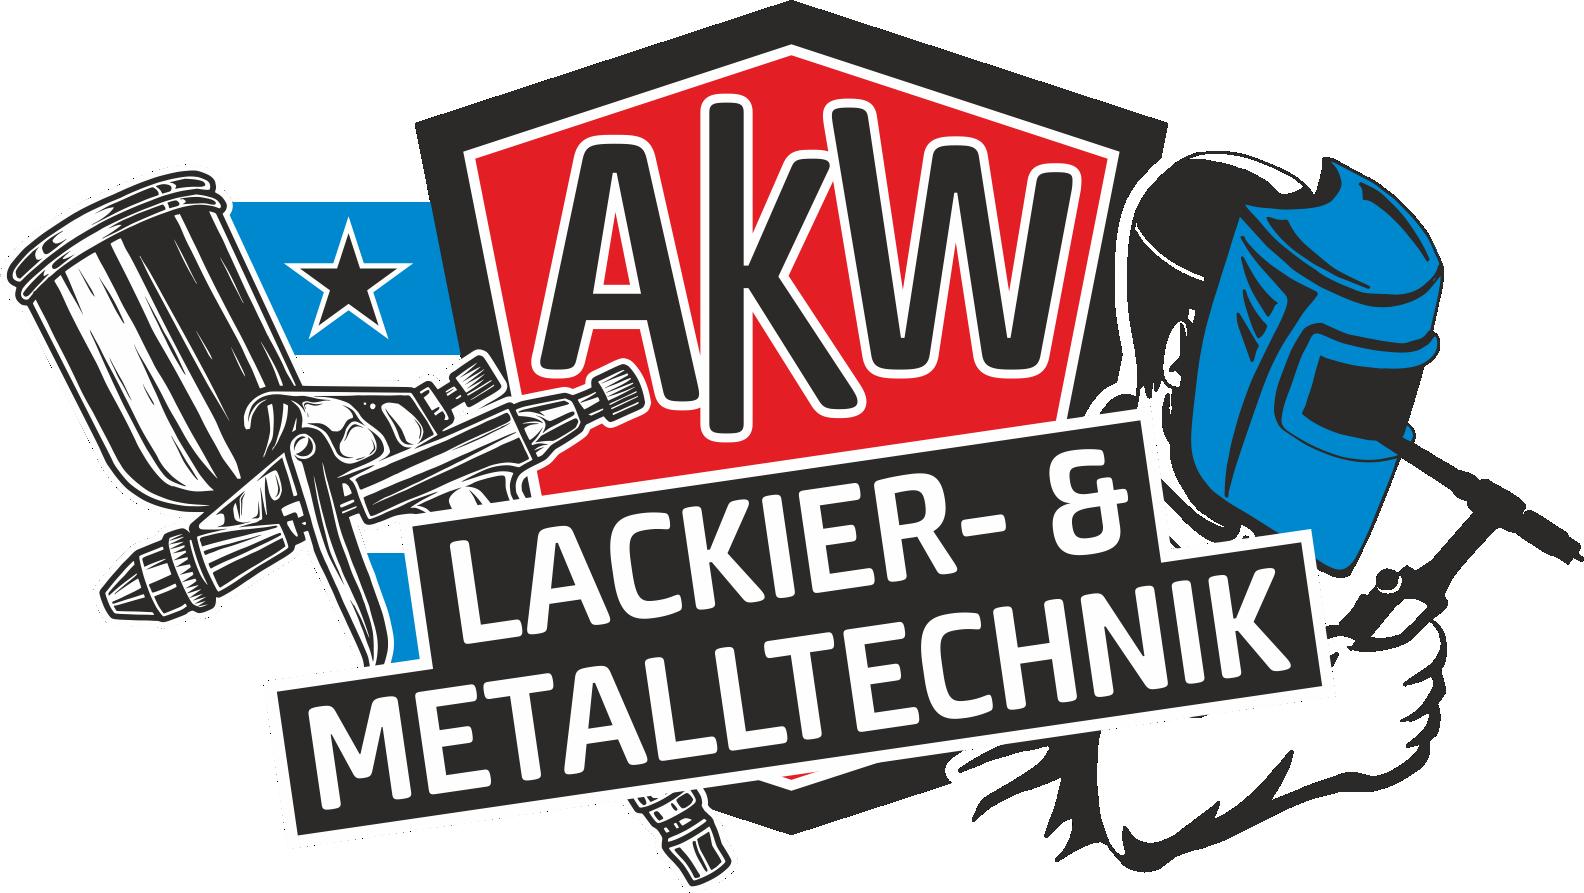 AKW Lackier- und Metalltechnik GmbH